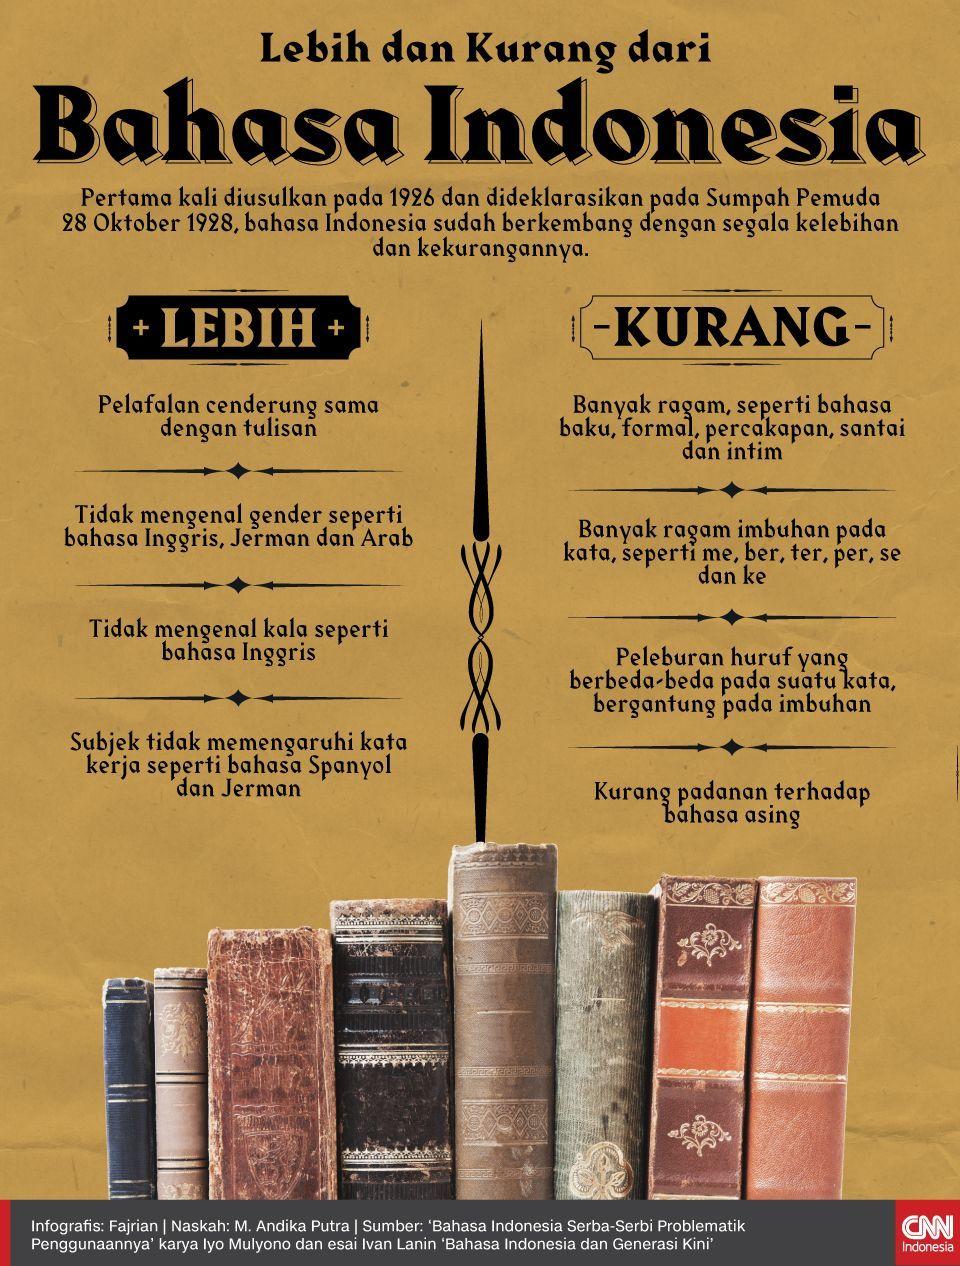 Infografis Lebih dan Kurang dari Bahasa Indonesia